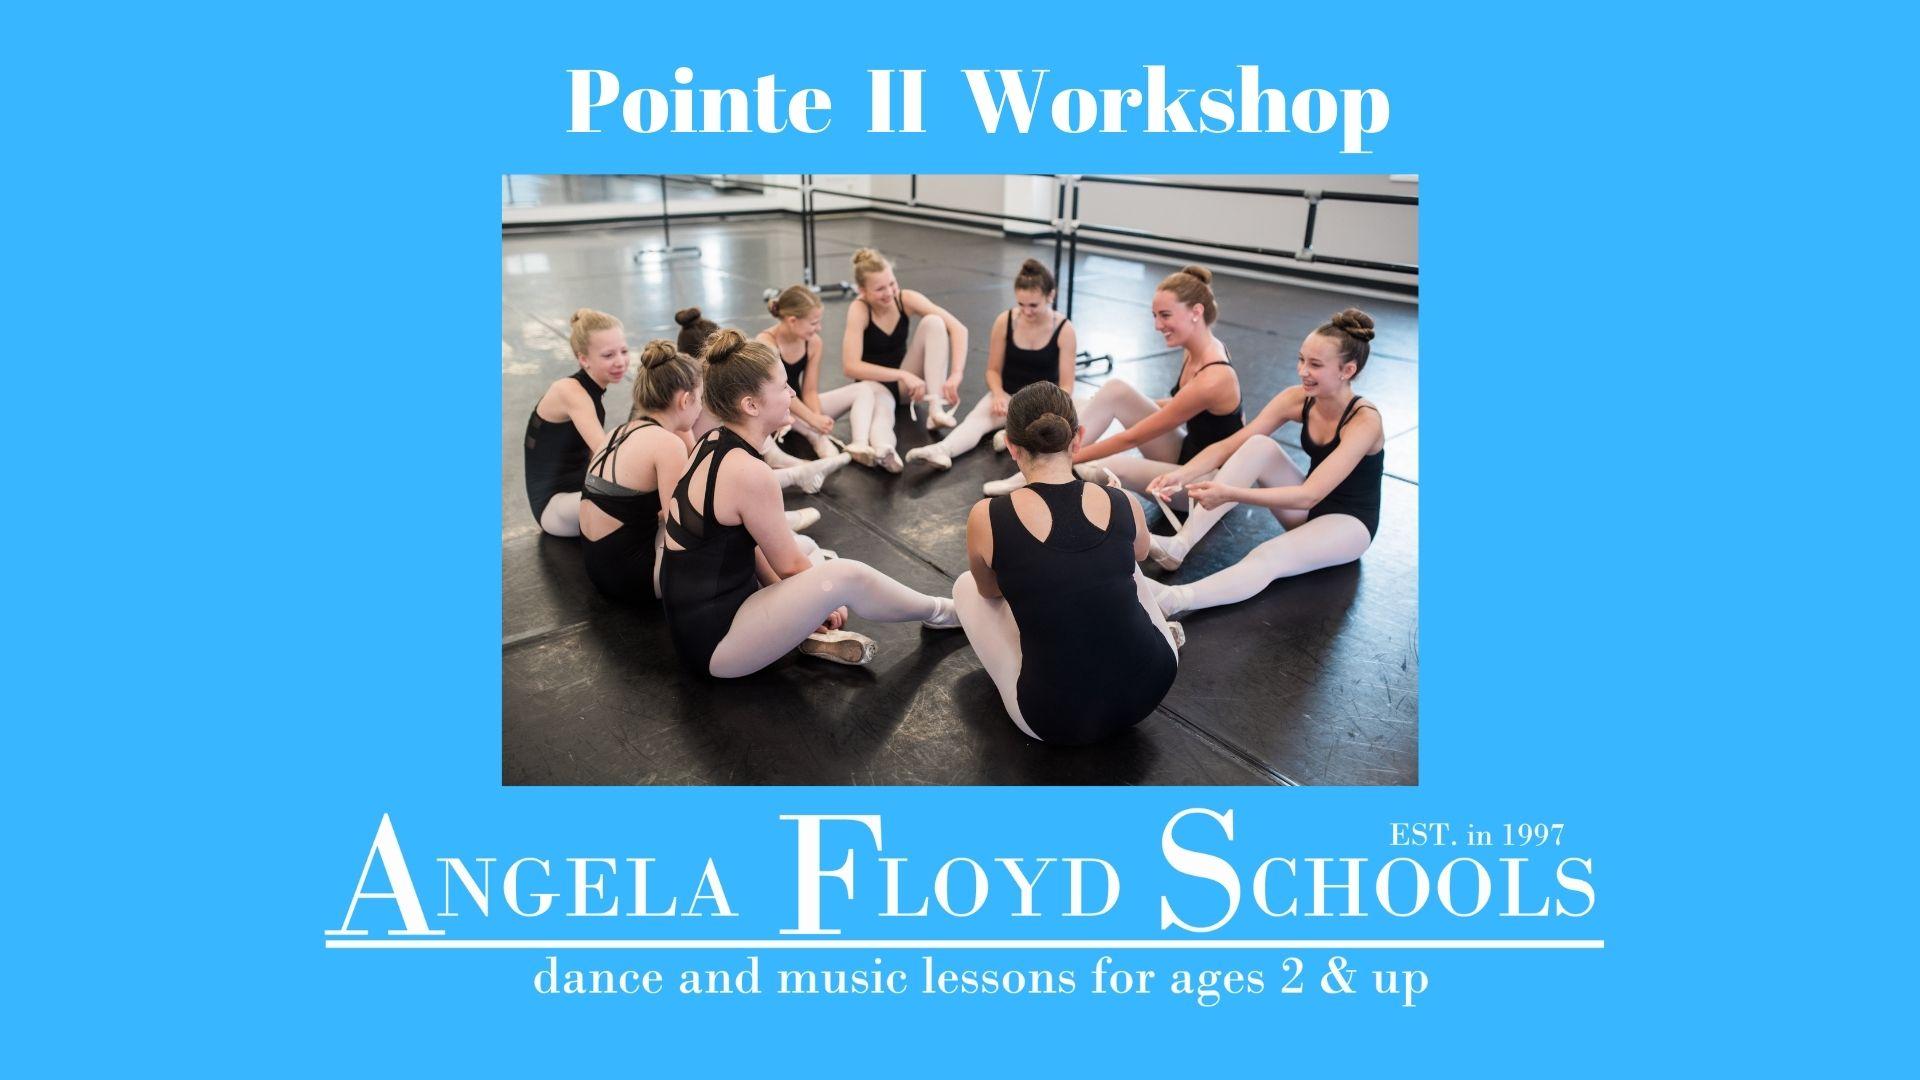 Pointe II Workshop